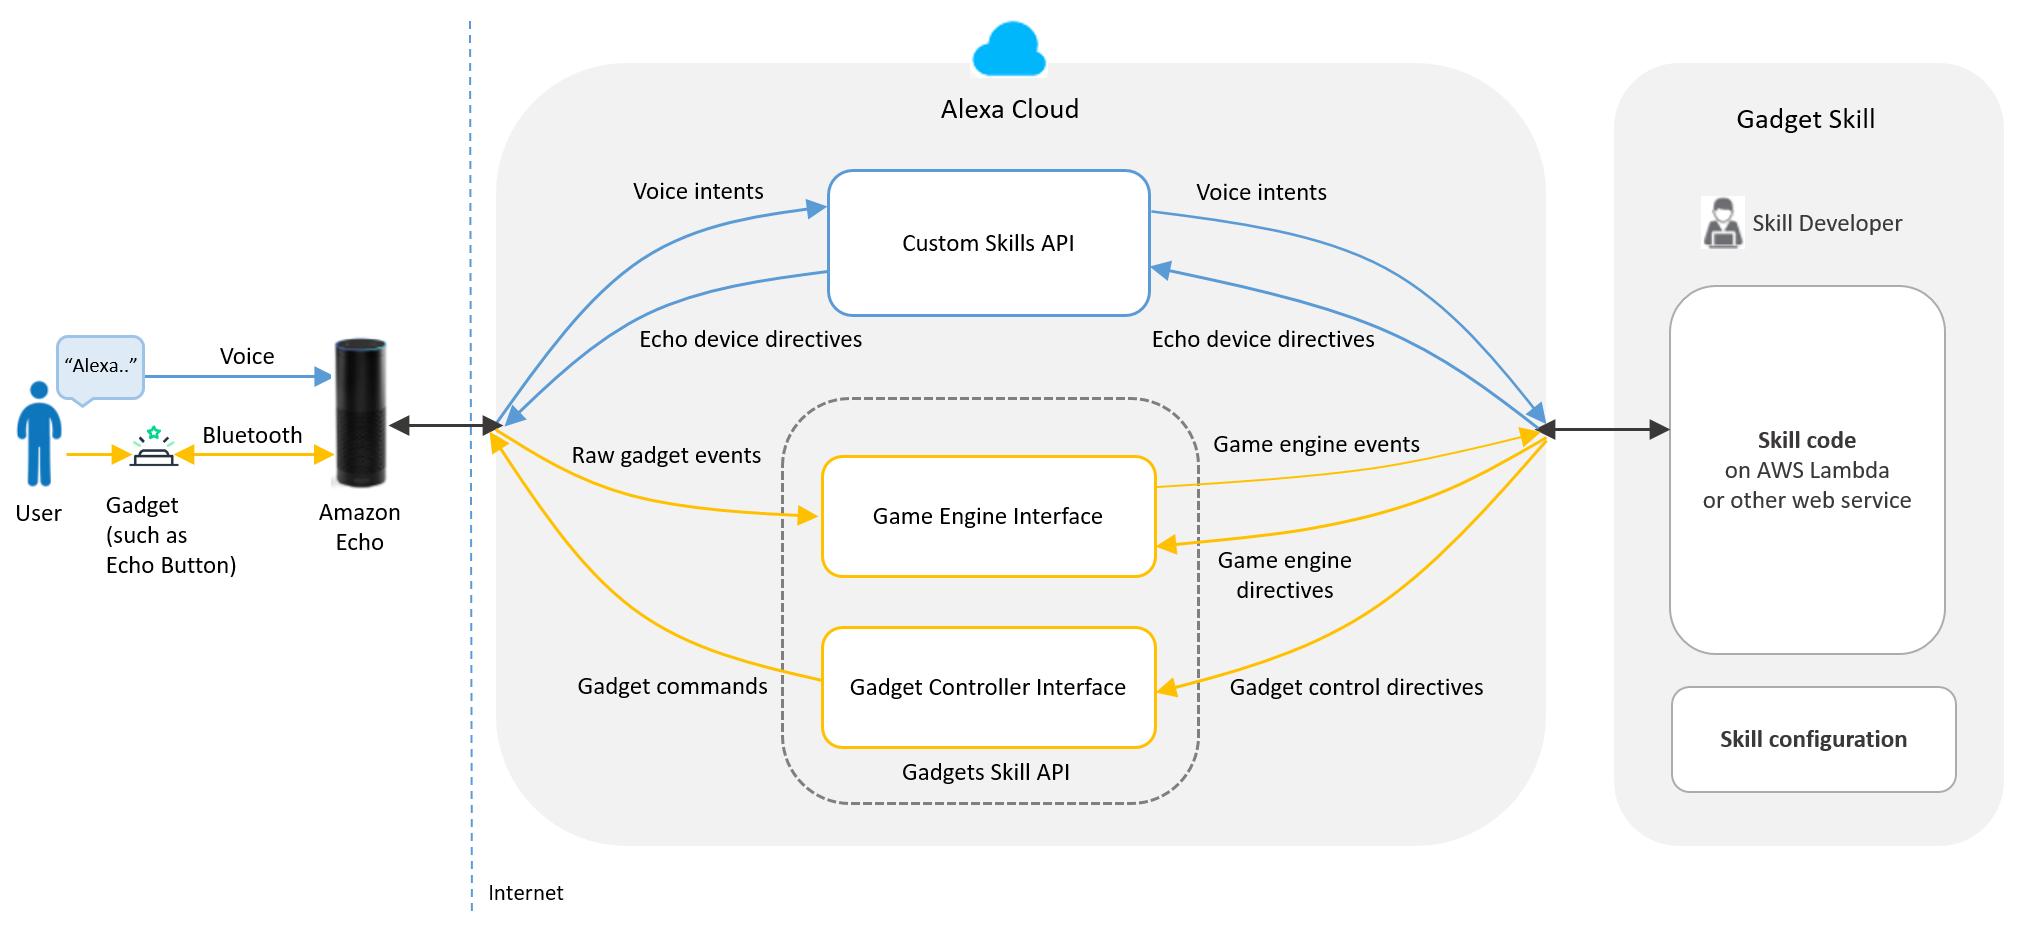 Gadgets Skill API